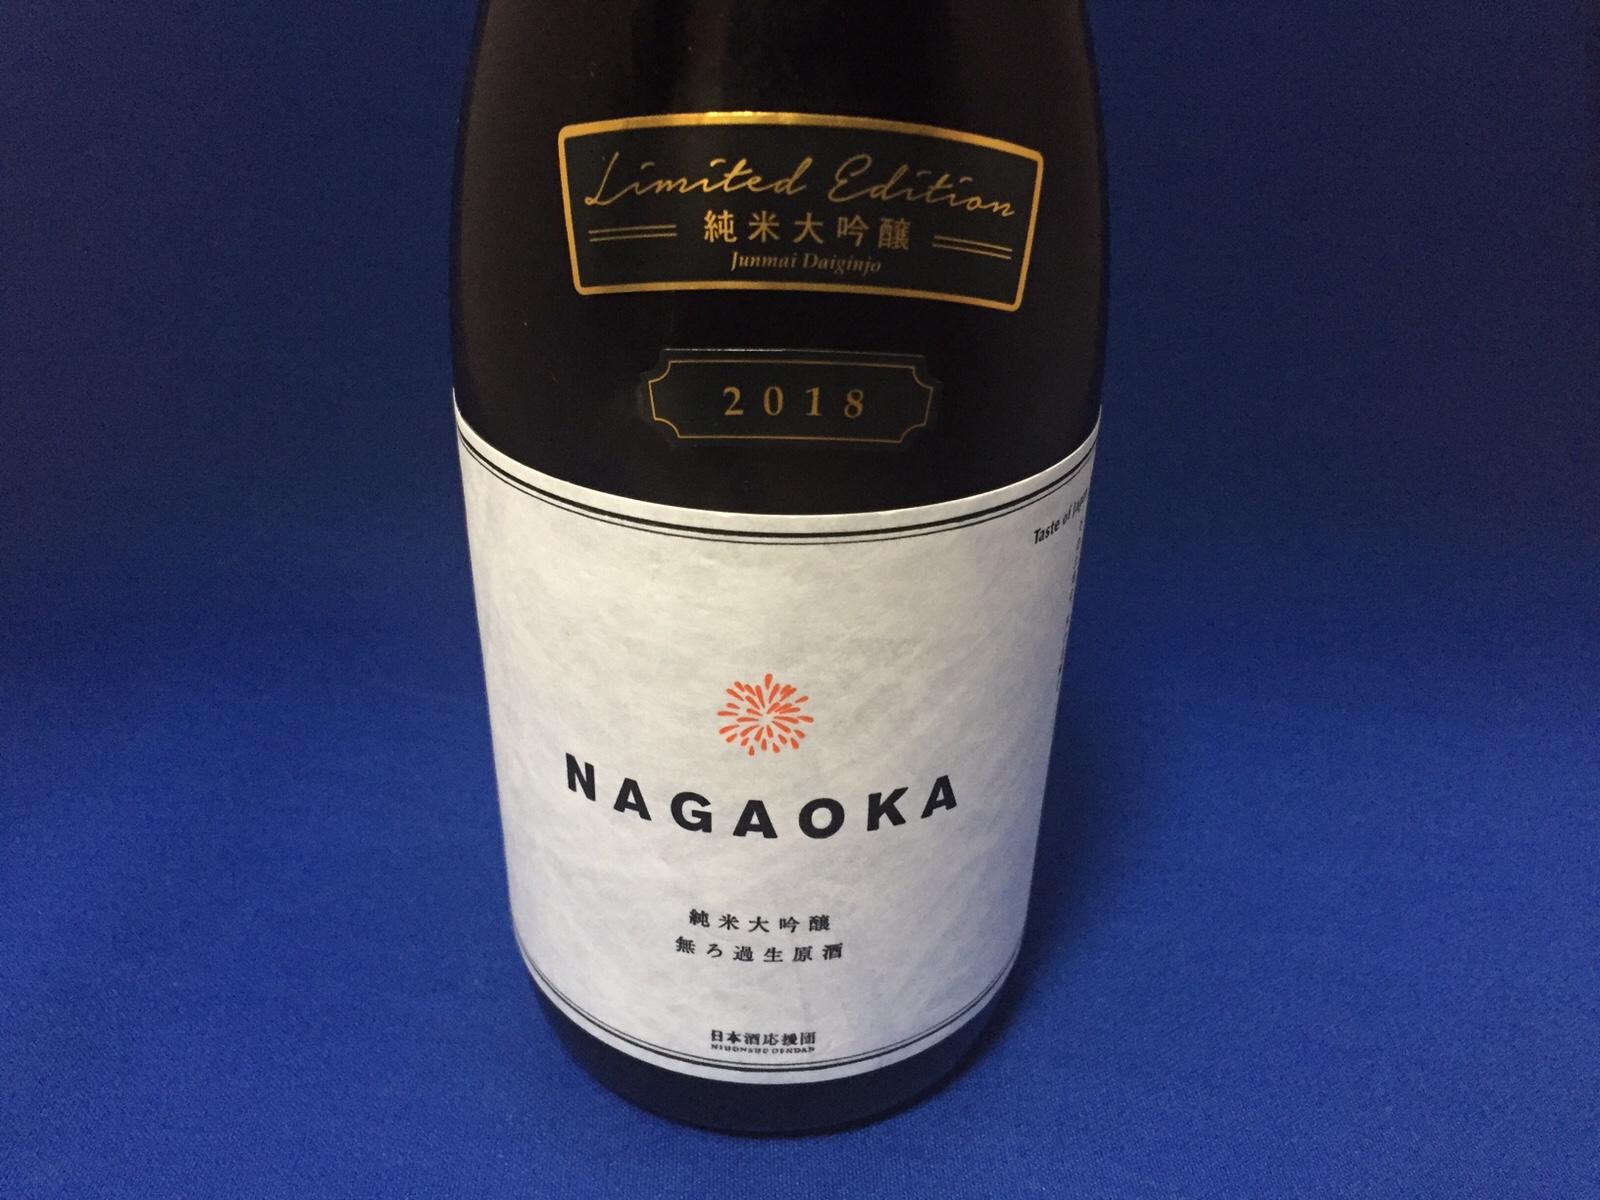 """日本酒応援団""""NAGAOKA純米大吟醸"""" 花火のような華やかさと余韻"""